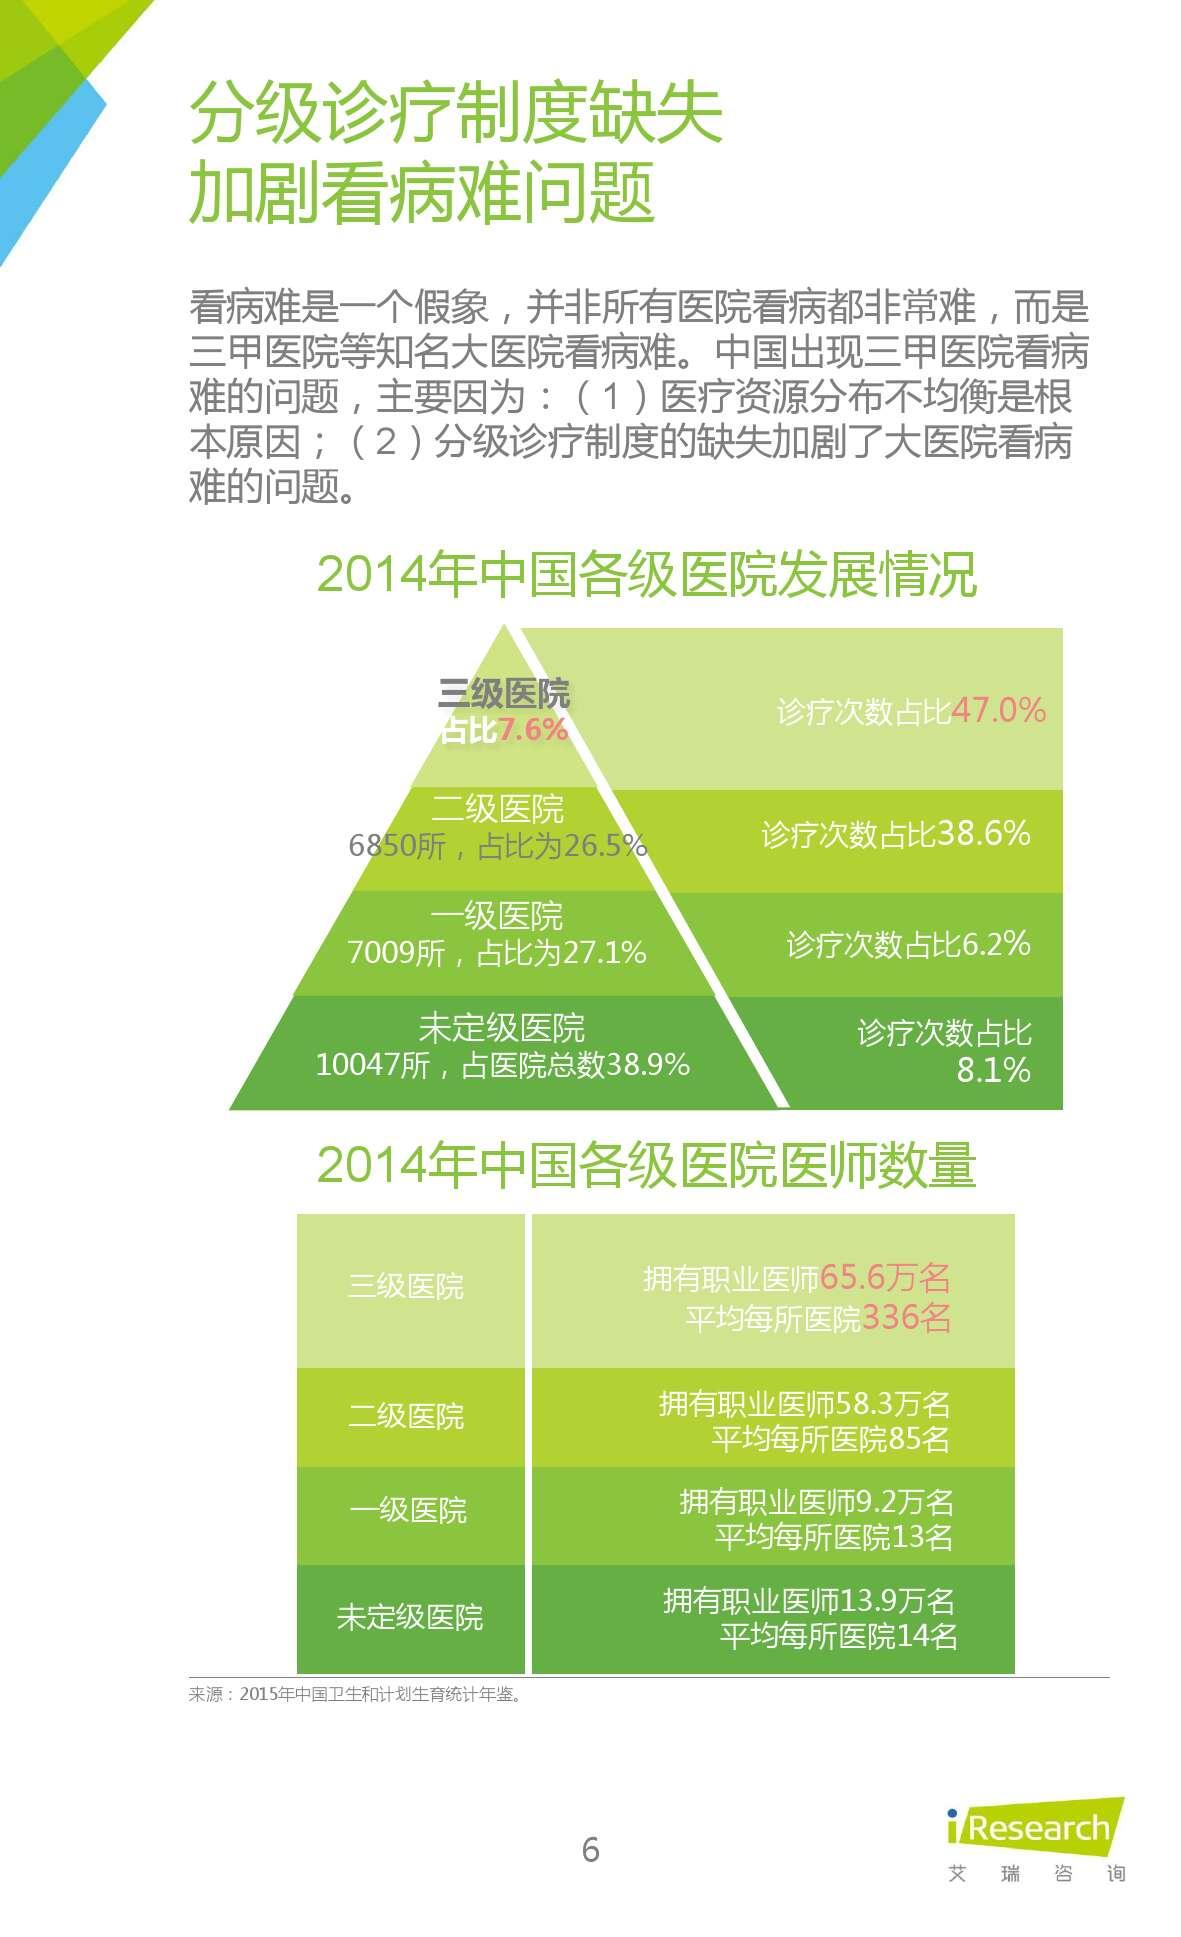 2015年中国在线问诊行业研究报告_000006